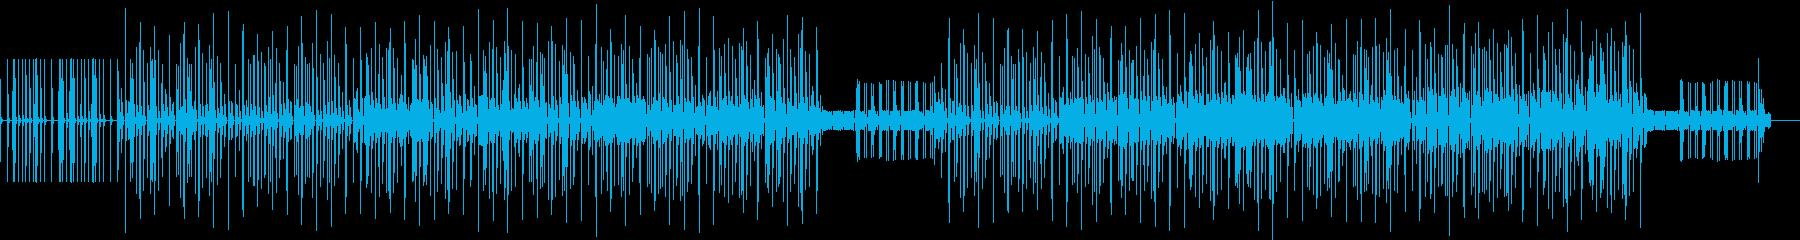 虫が動き回る様なコミカルな曲の再生済みの波形